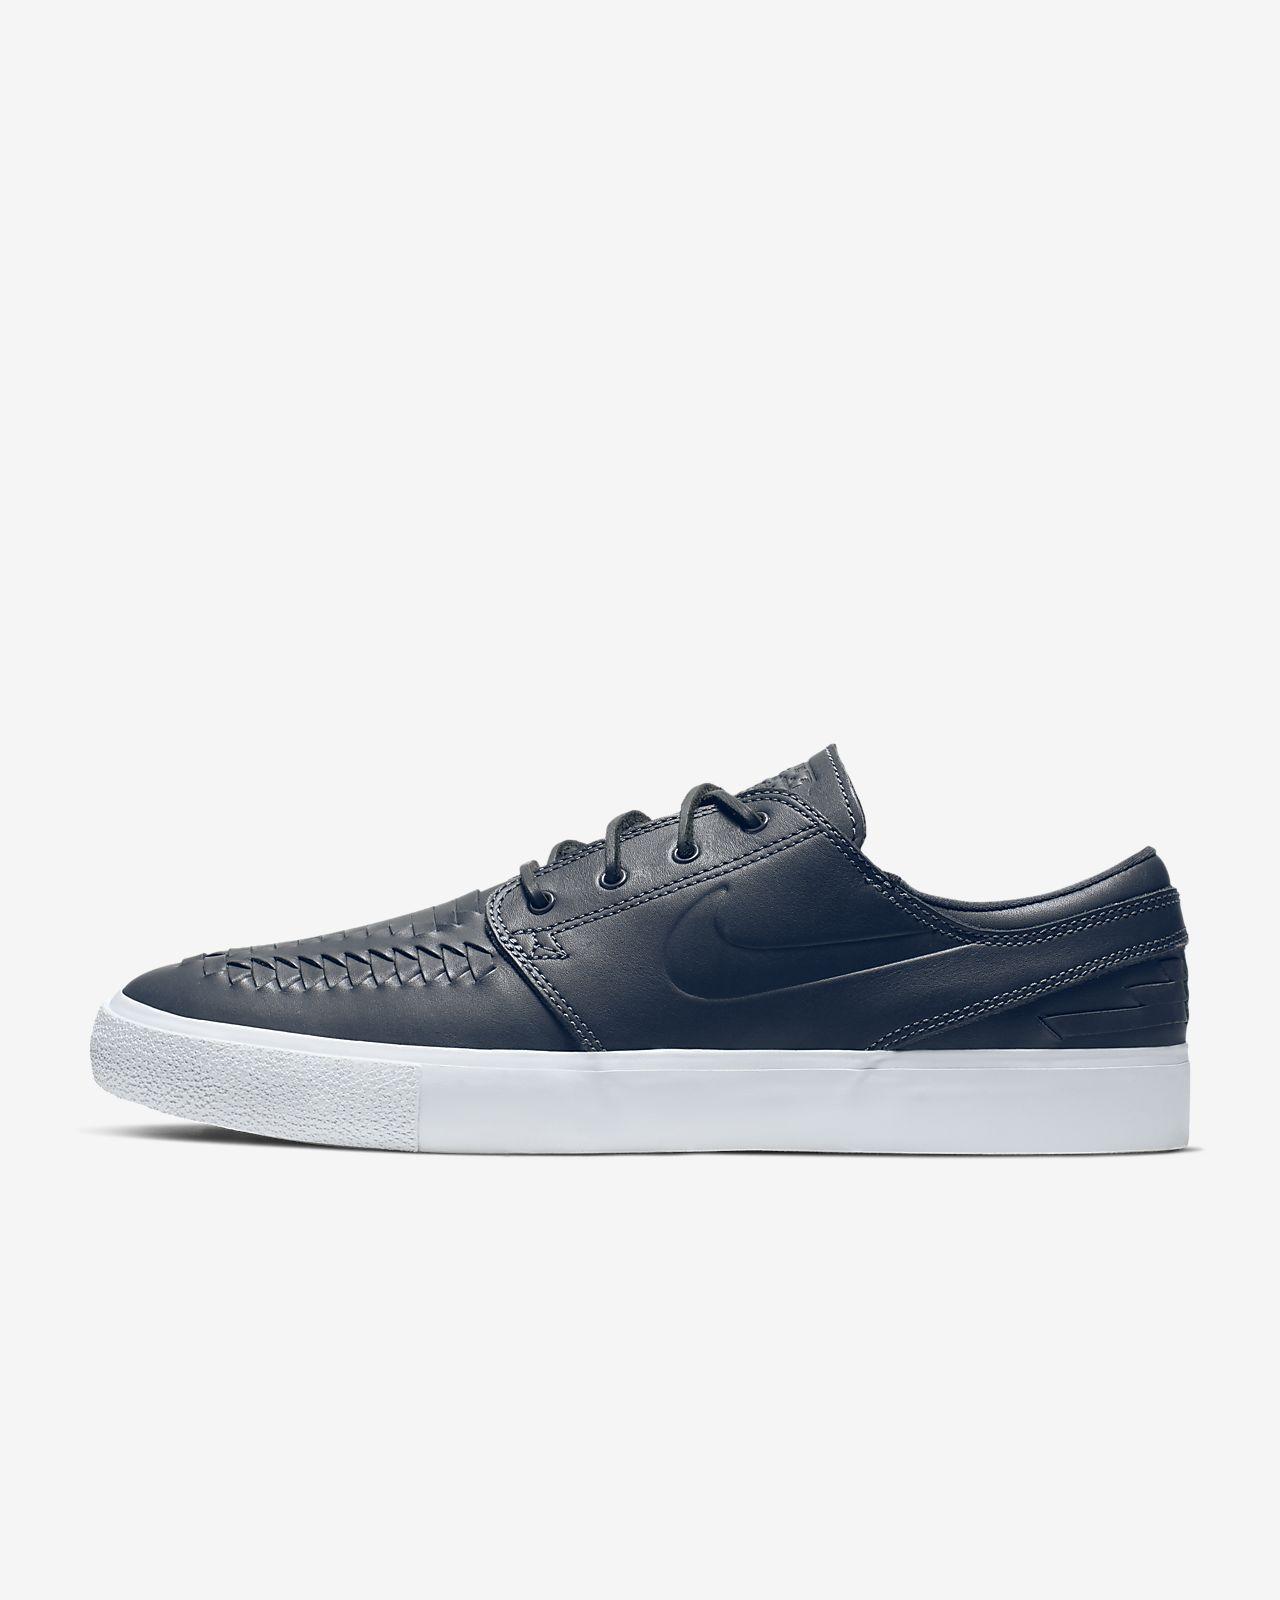 Nike SB Zoom Stefan Janoski RM Crafted Zapatillas de skateboard